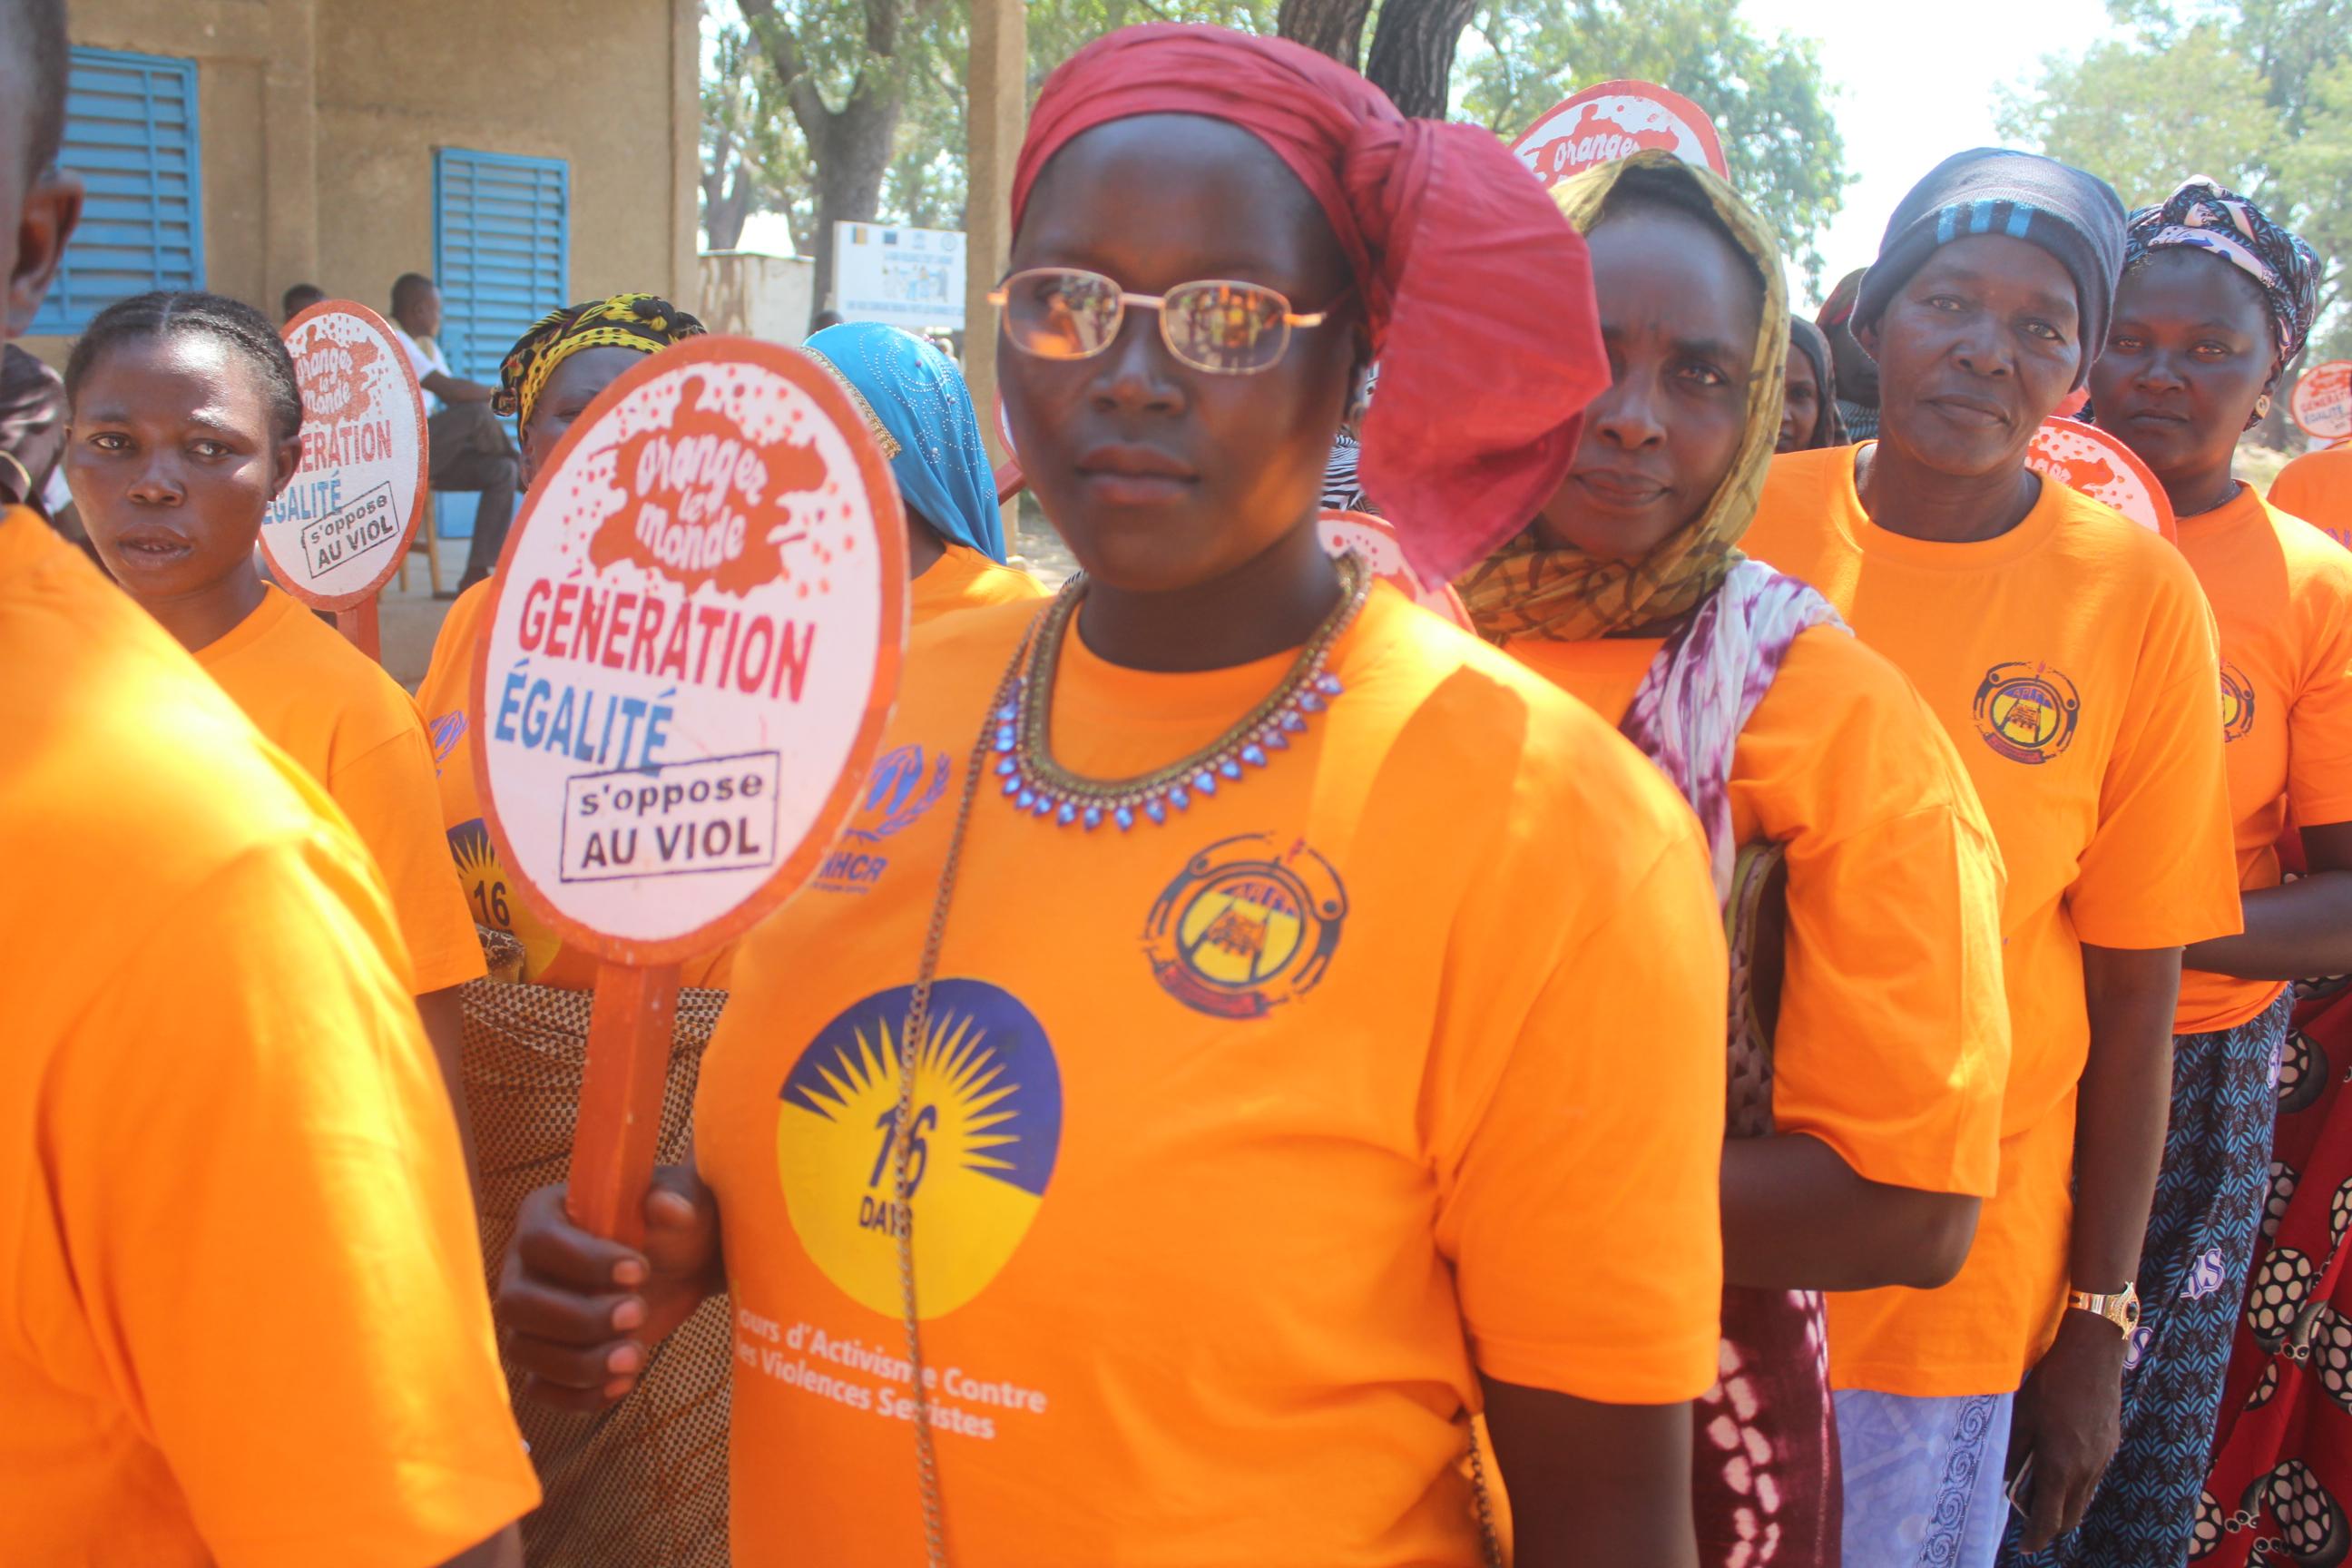 A Goré au Sud du Tchad, des femmes marchent pour protester contre les violences basées sur le genre lors d'une campagne lancée en novembre 2019. (Photo d'illustration) © Eloge Mbaihondoum